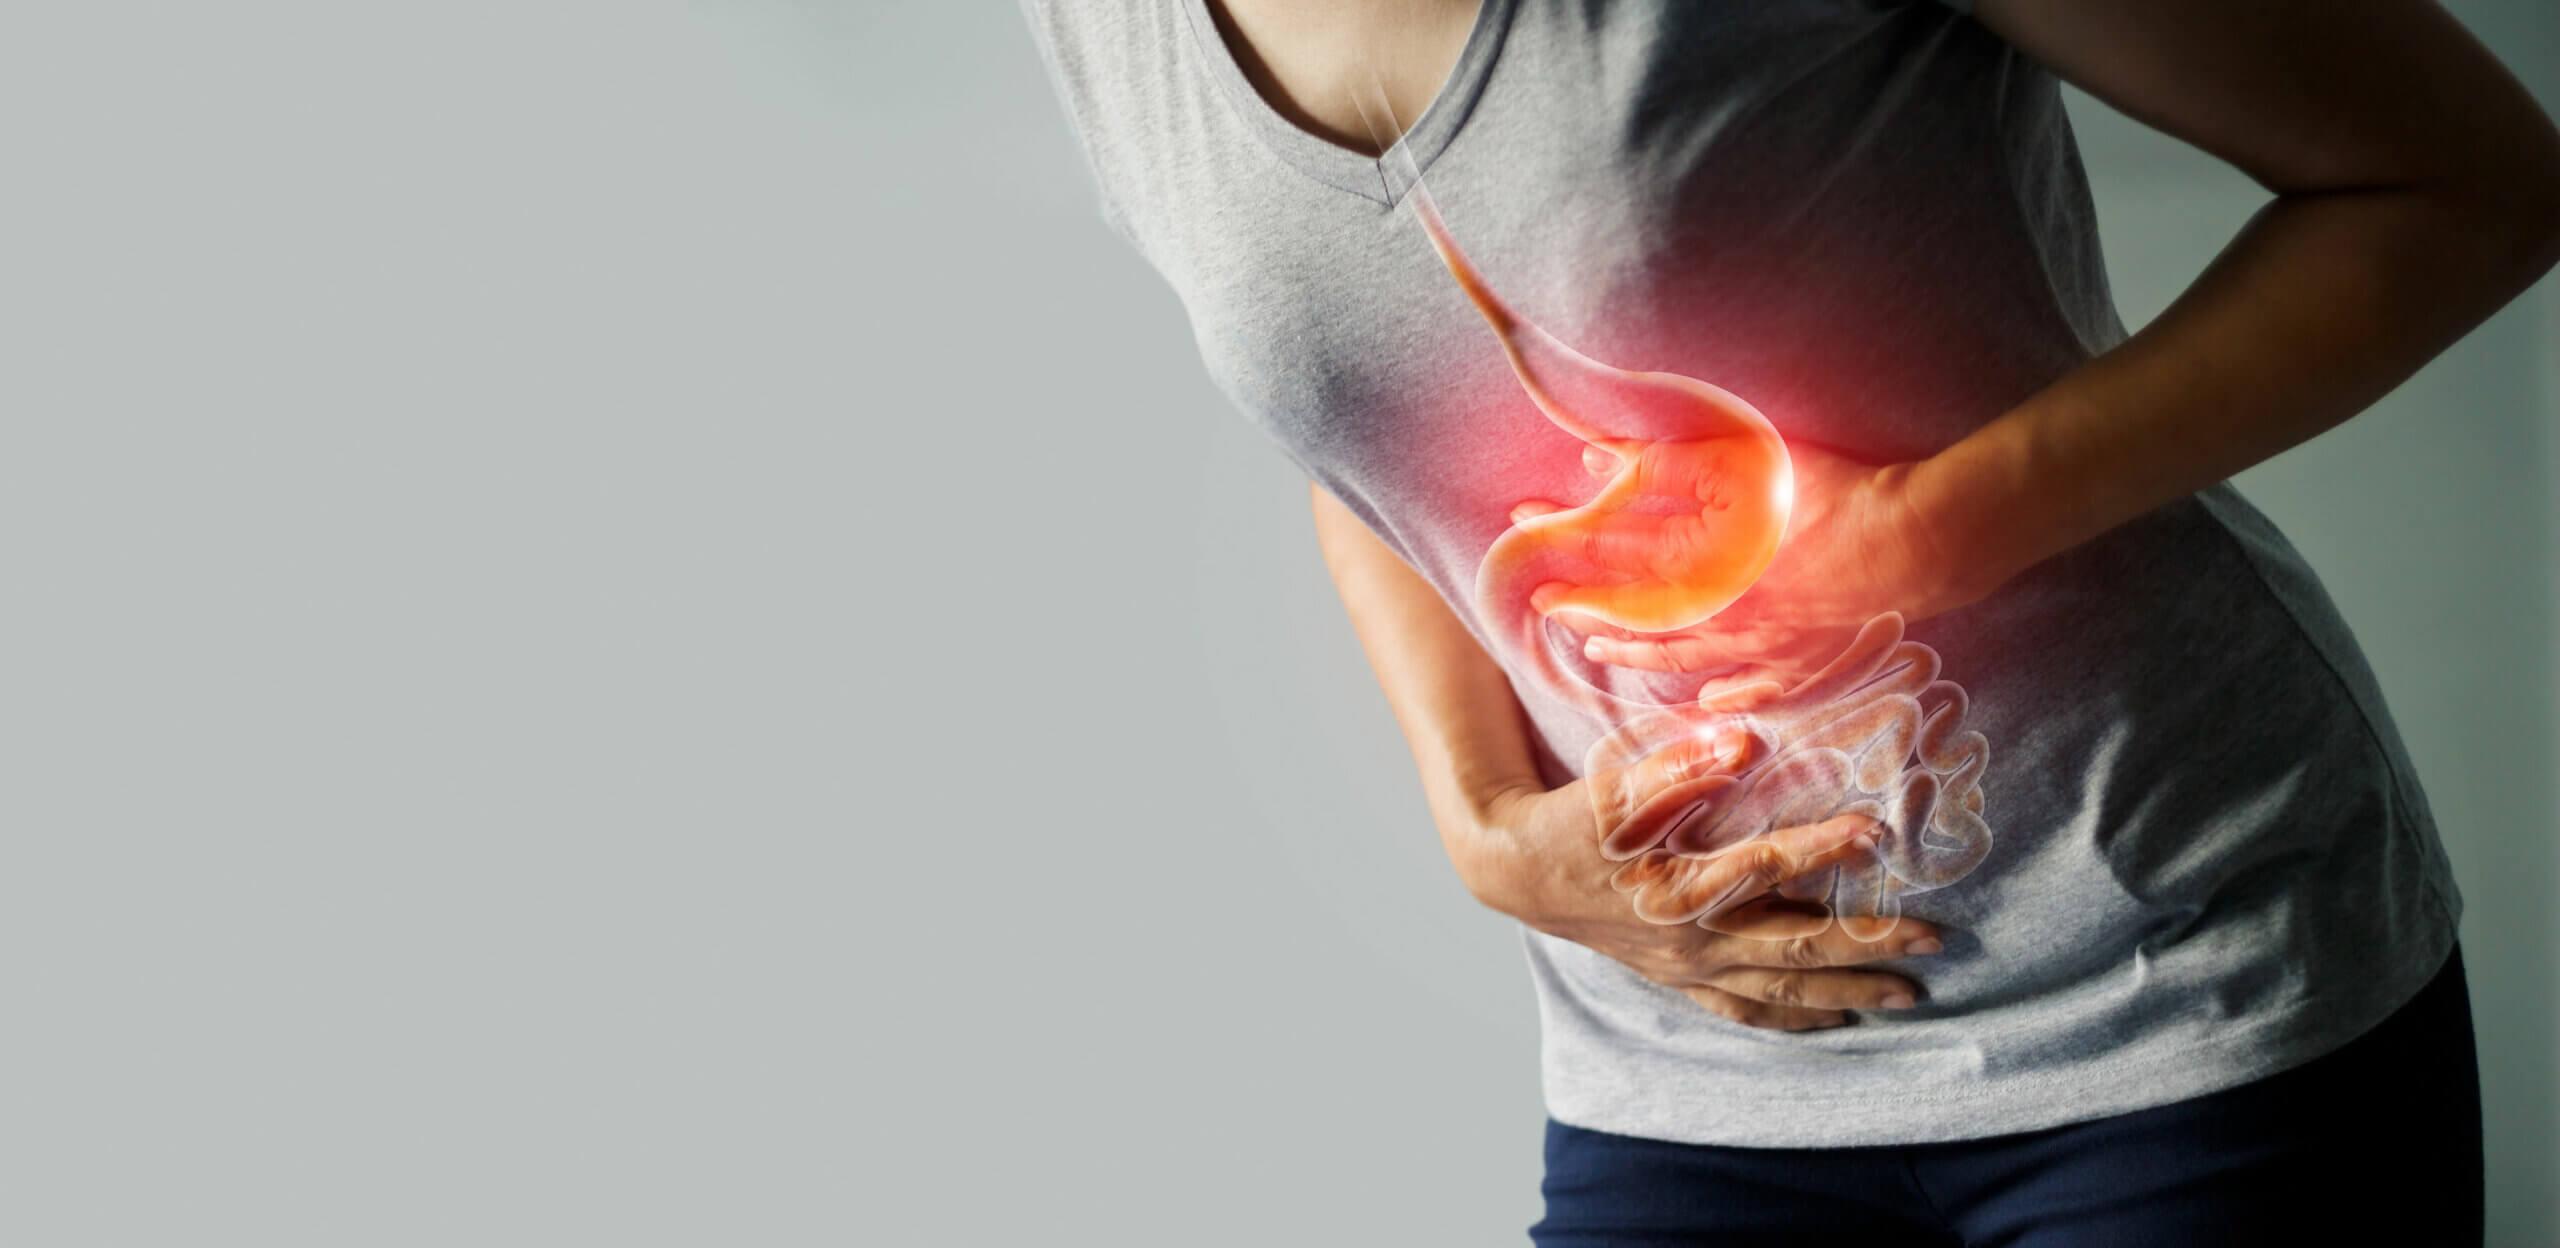 Los problemas en el estómago pueden causar déficit de vitamina b12.